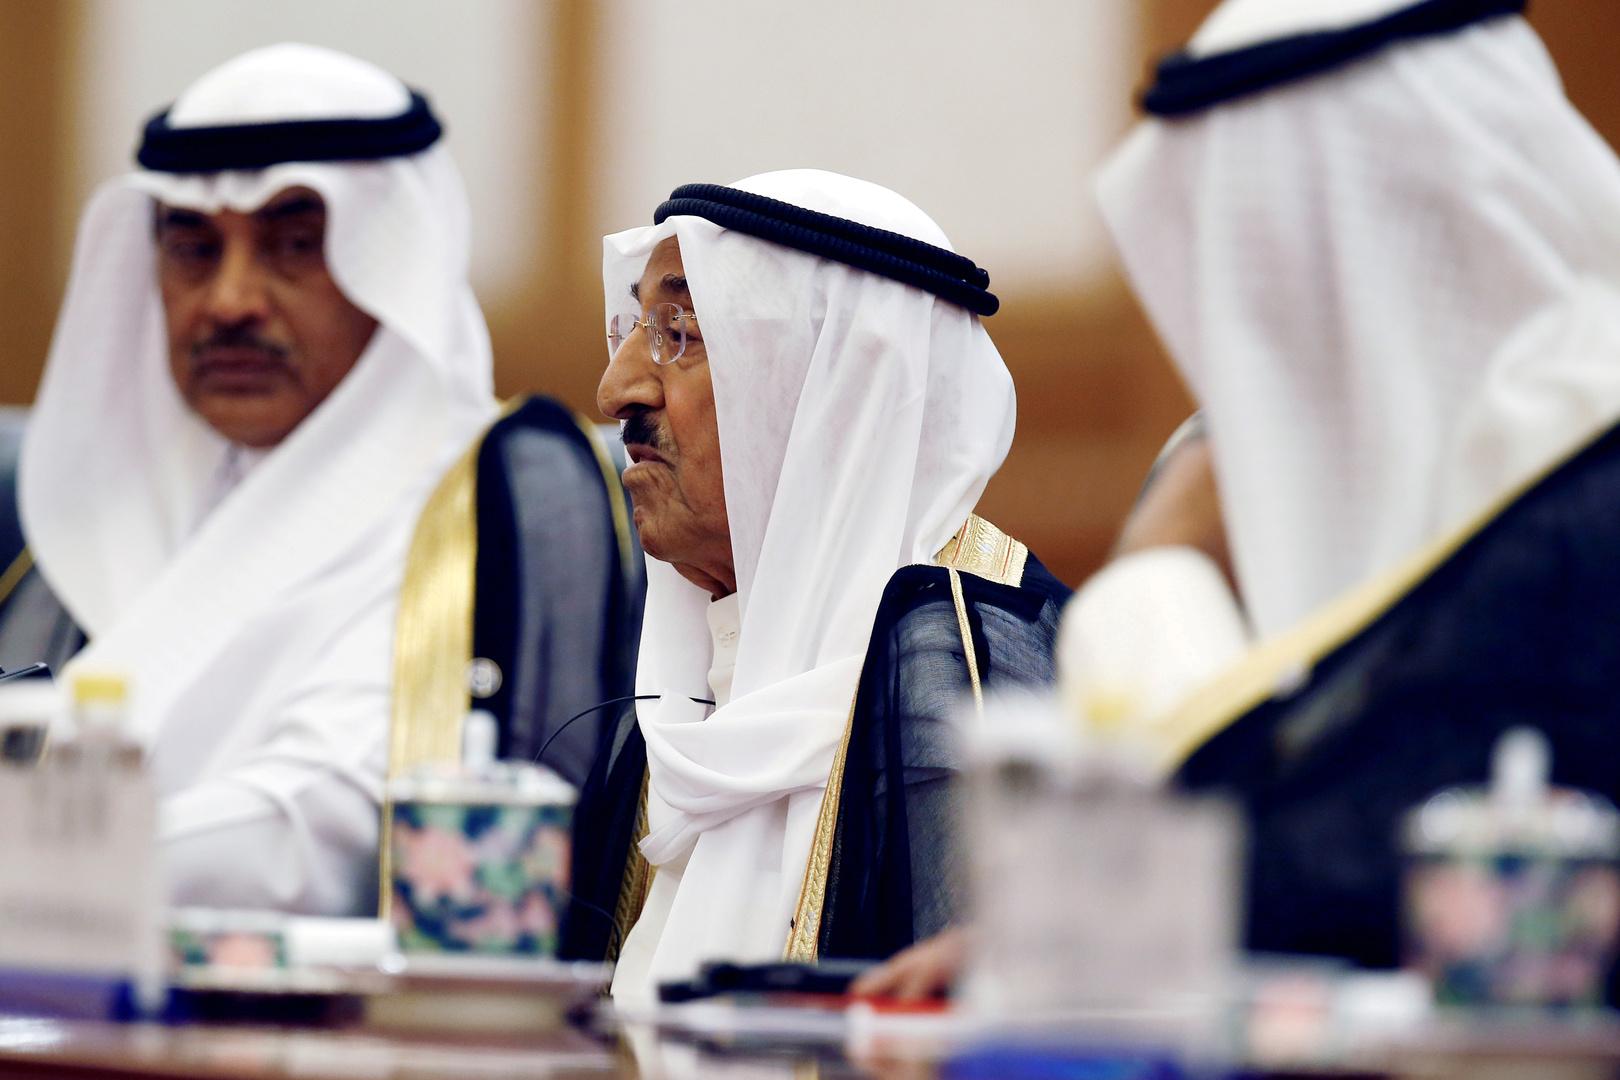 ولي العهد الكويتي يتلقى اتصالا بشأن صحة أمير البلاد